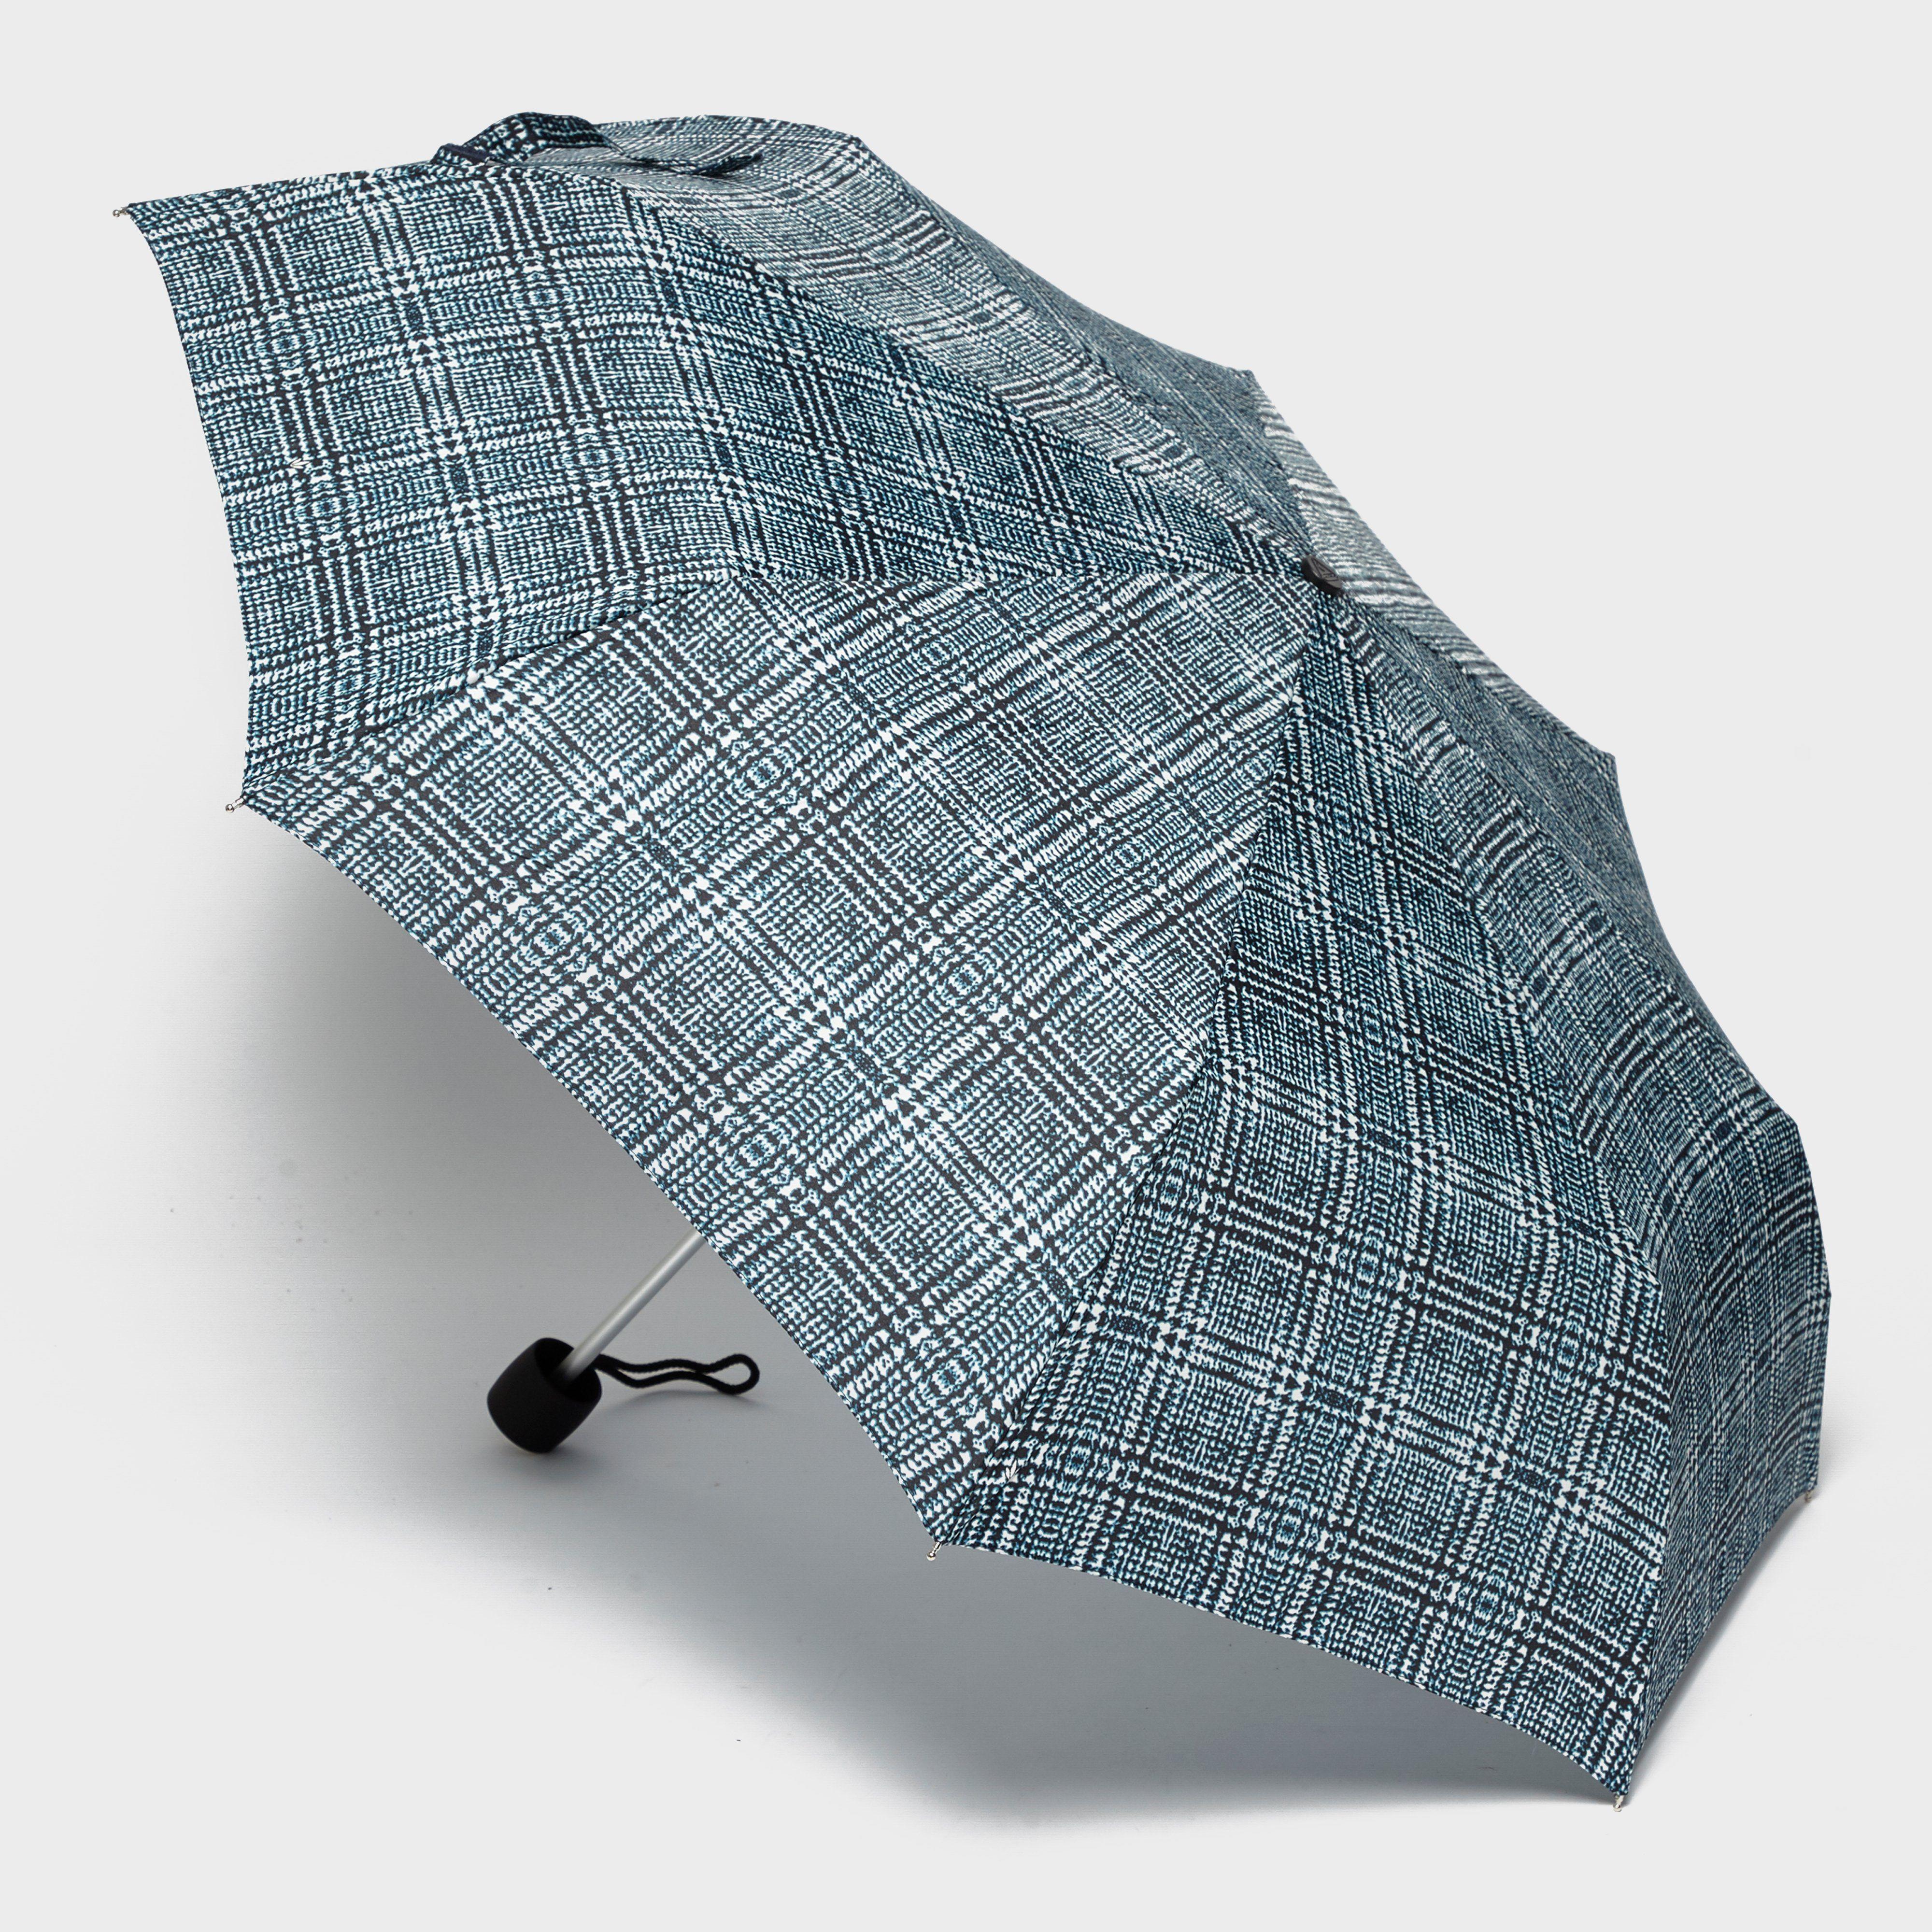 FULTON Minilite 2 Umbrella Camp